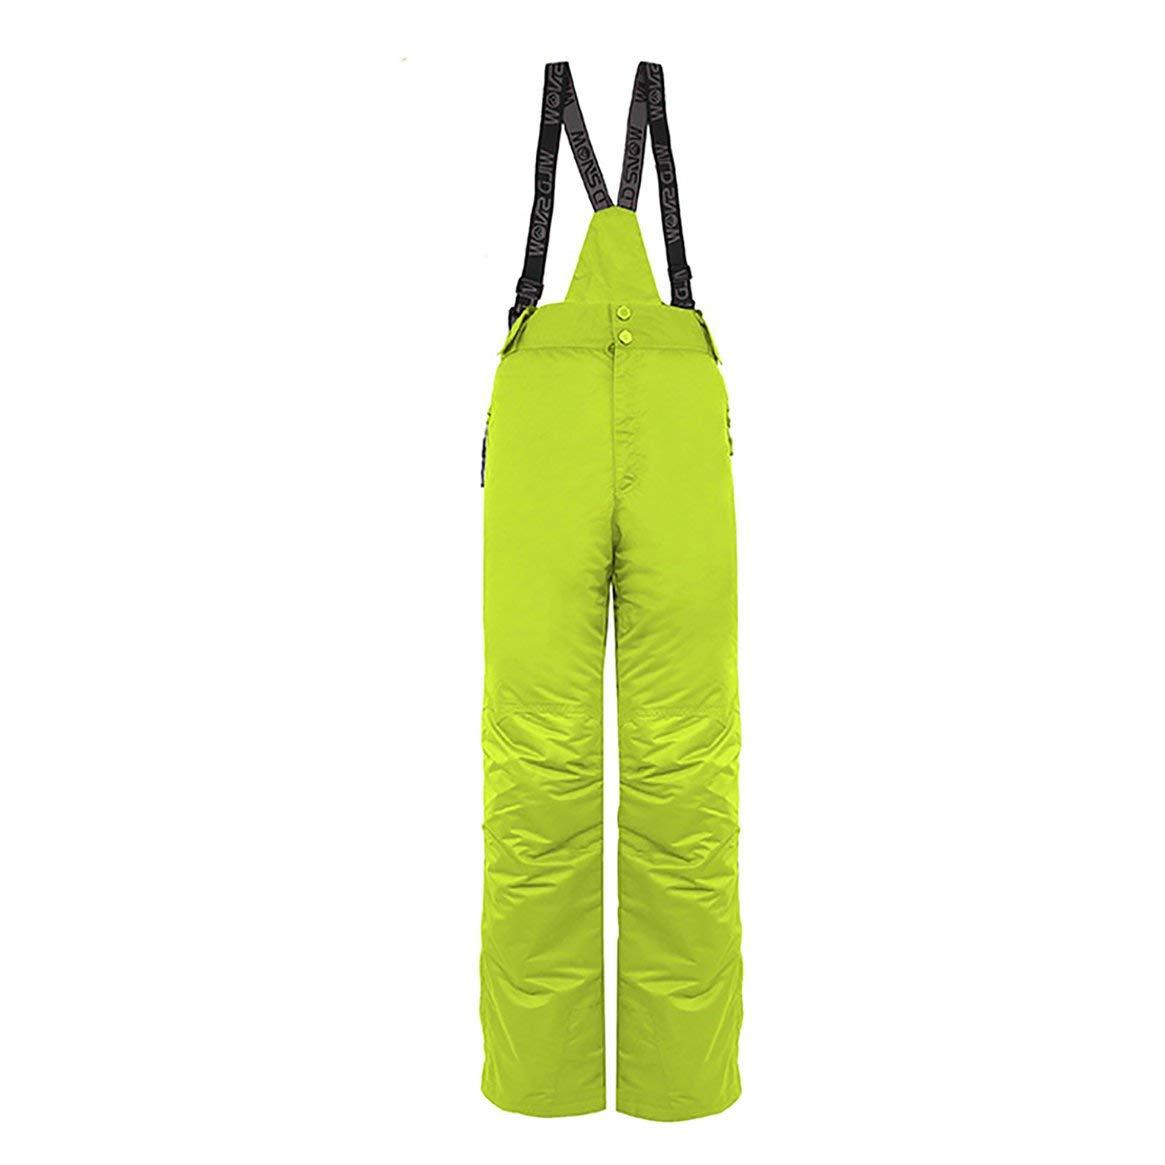 Delicacydex Männer Ski Anzüge Wasserdichte Ski Kletterhose Winter Outdoor Ski Snowboard Hosen Langlebige Schneehosen - Grün L